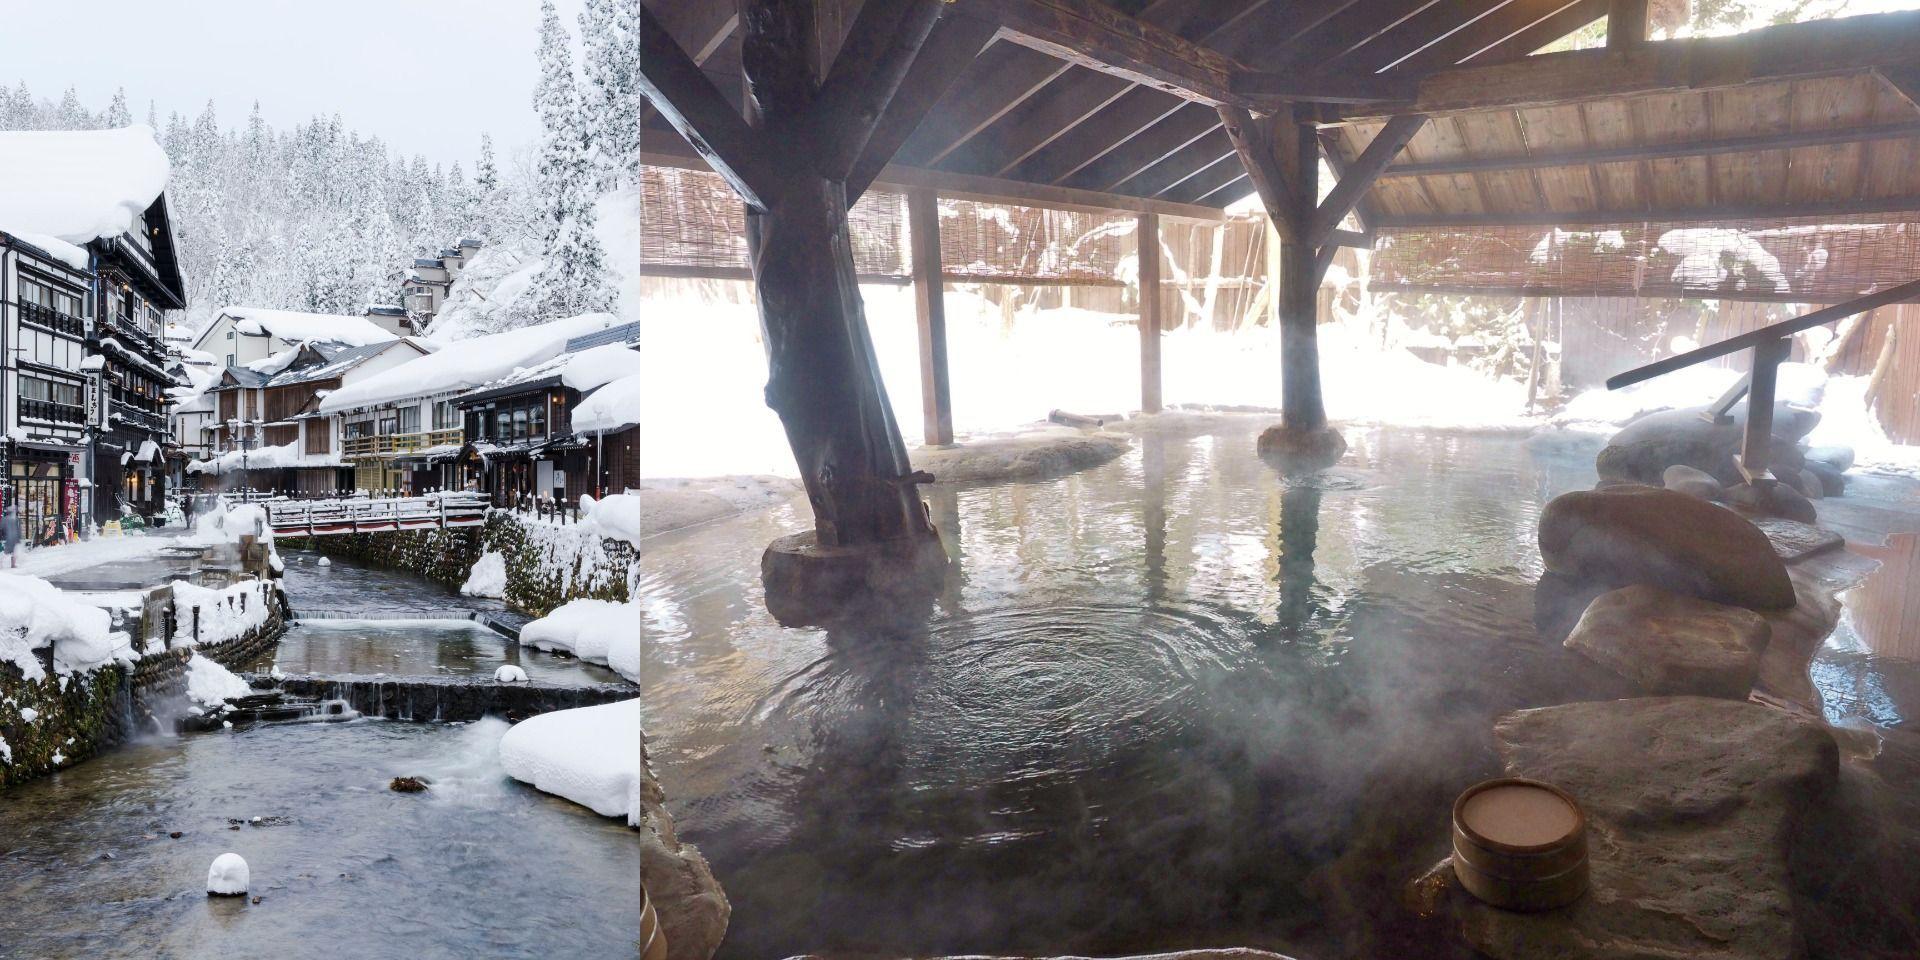 Japan Onsen (hot spring) 露天風呂